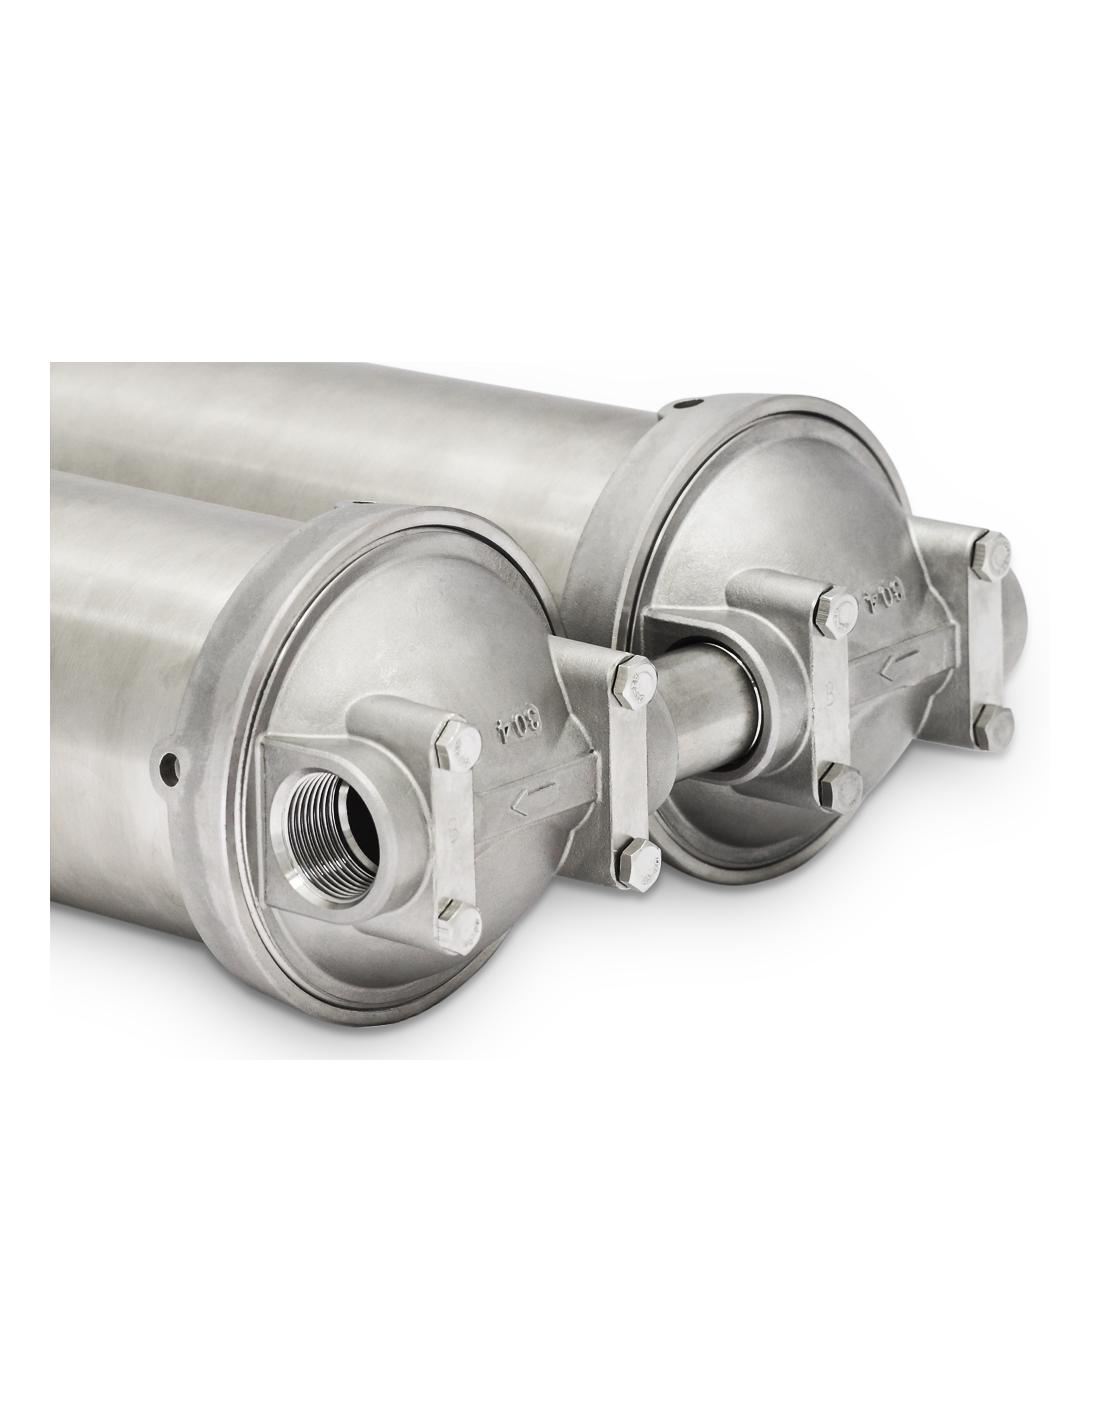 KS 550   Doppeltes Einbau Wasserfiltergehäuse aus Edelstahl